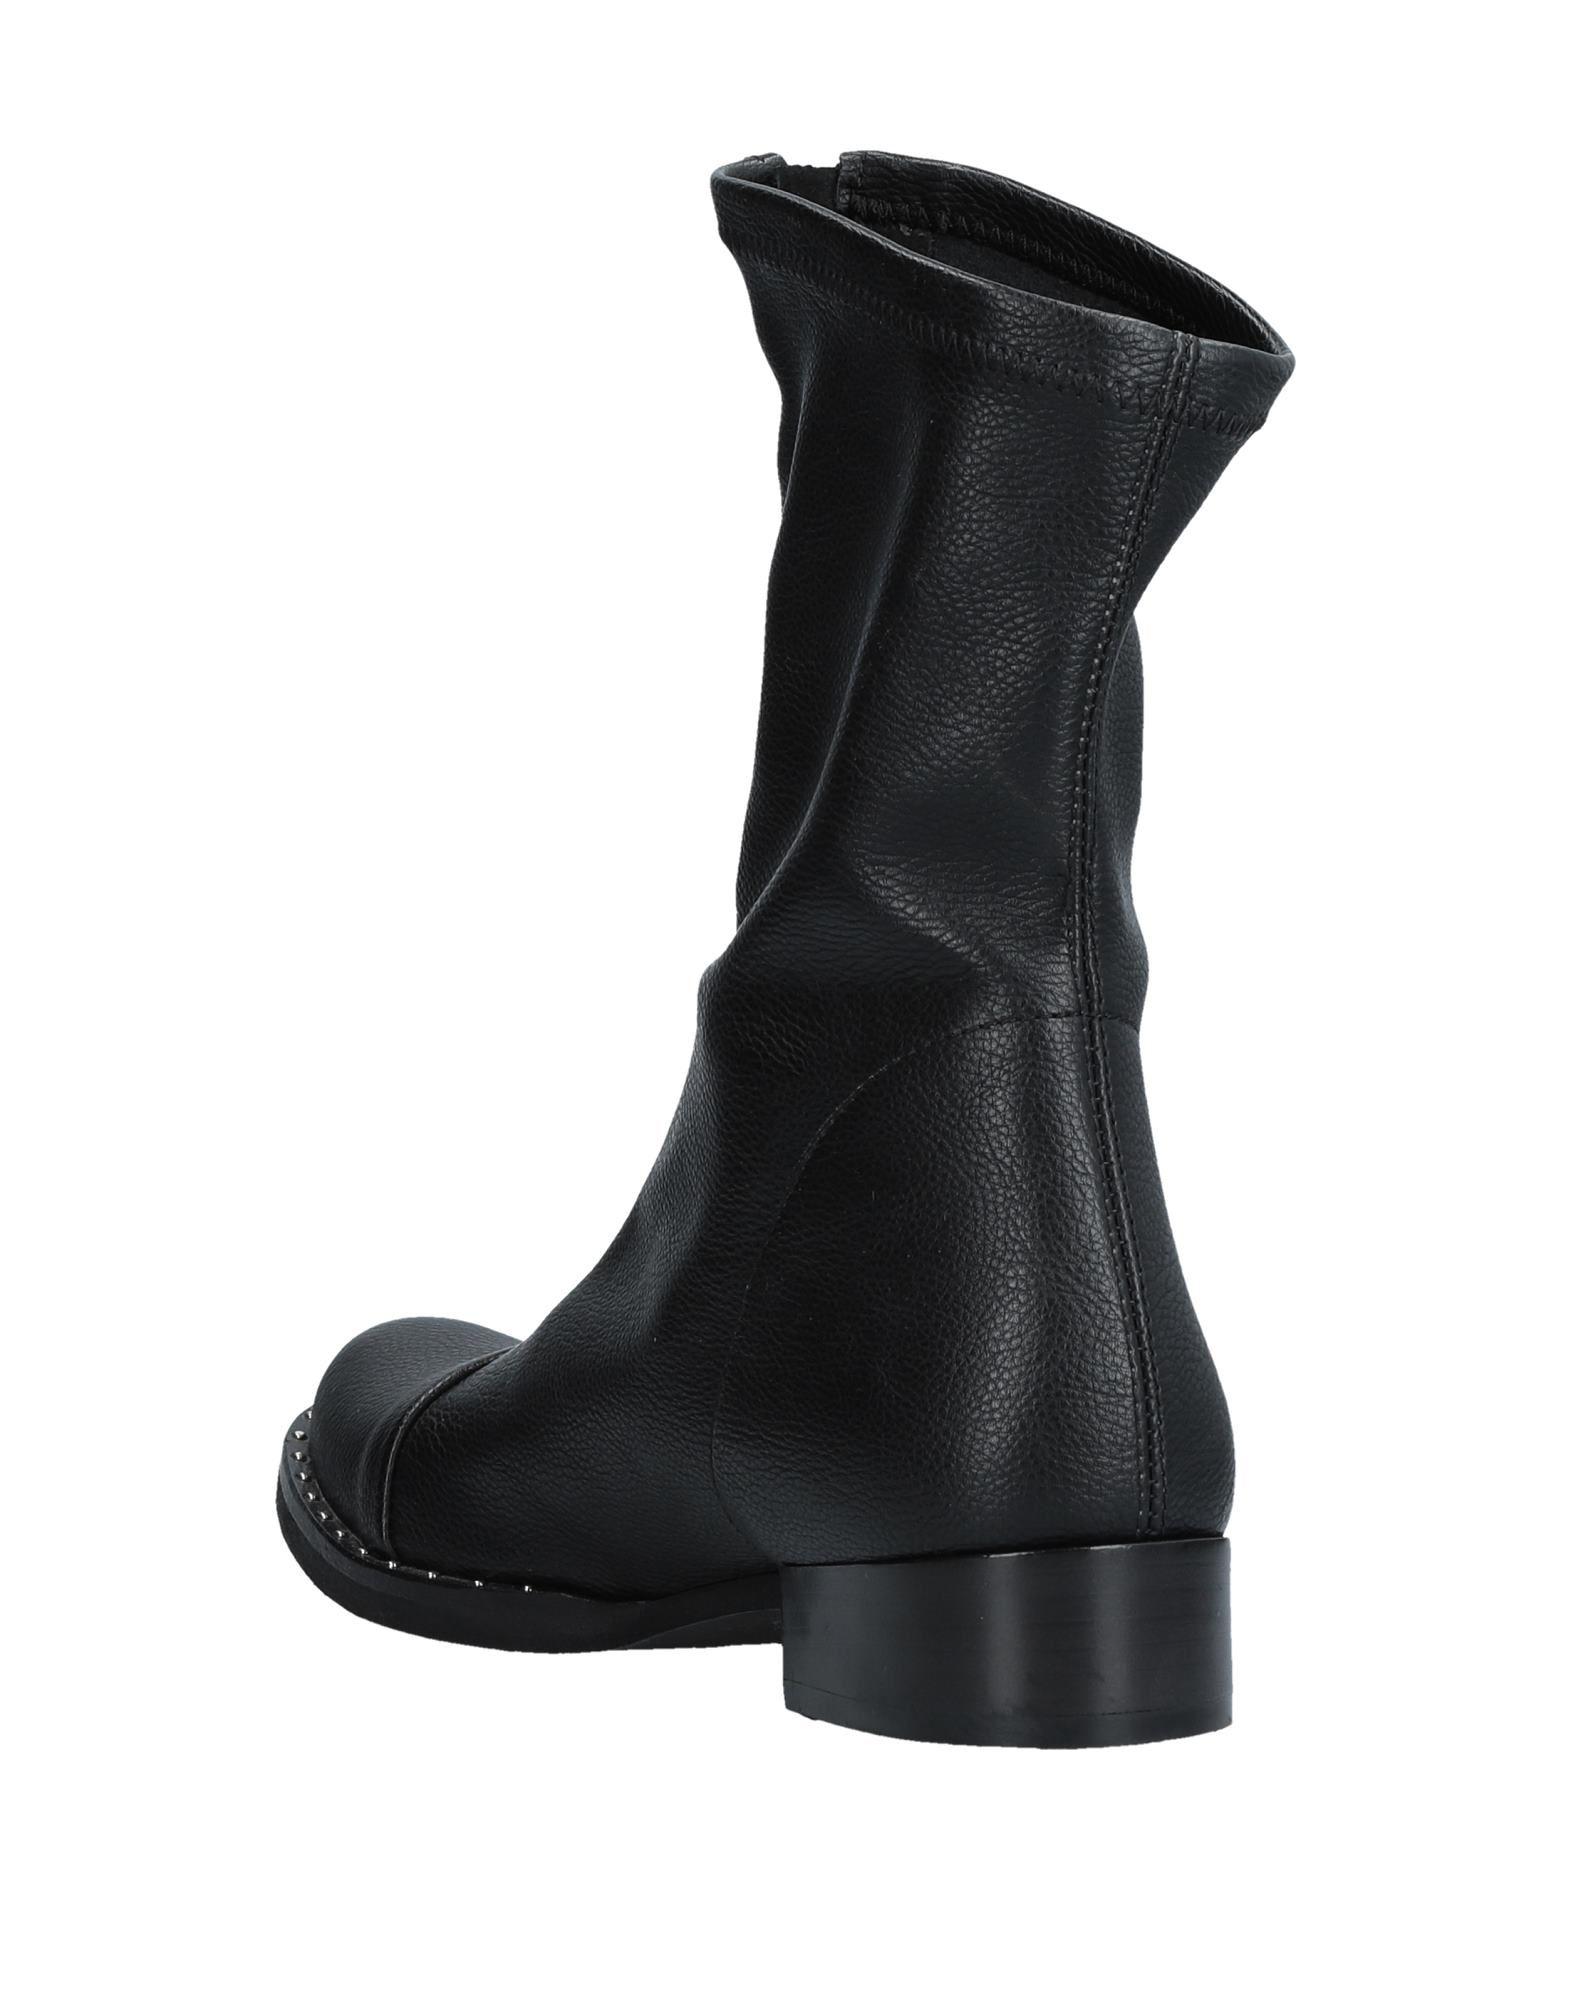 Metisse Stiefelette Damen  beliebte 11525257UF Gute Qualität beliebte  Schuhe 40b114